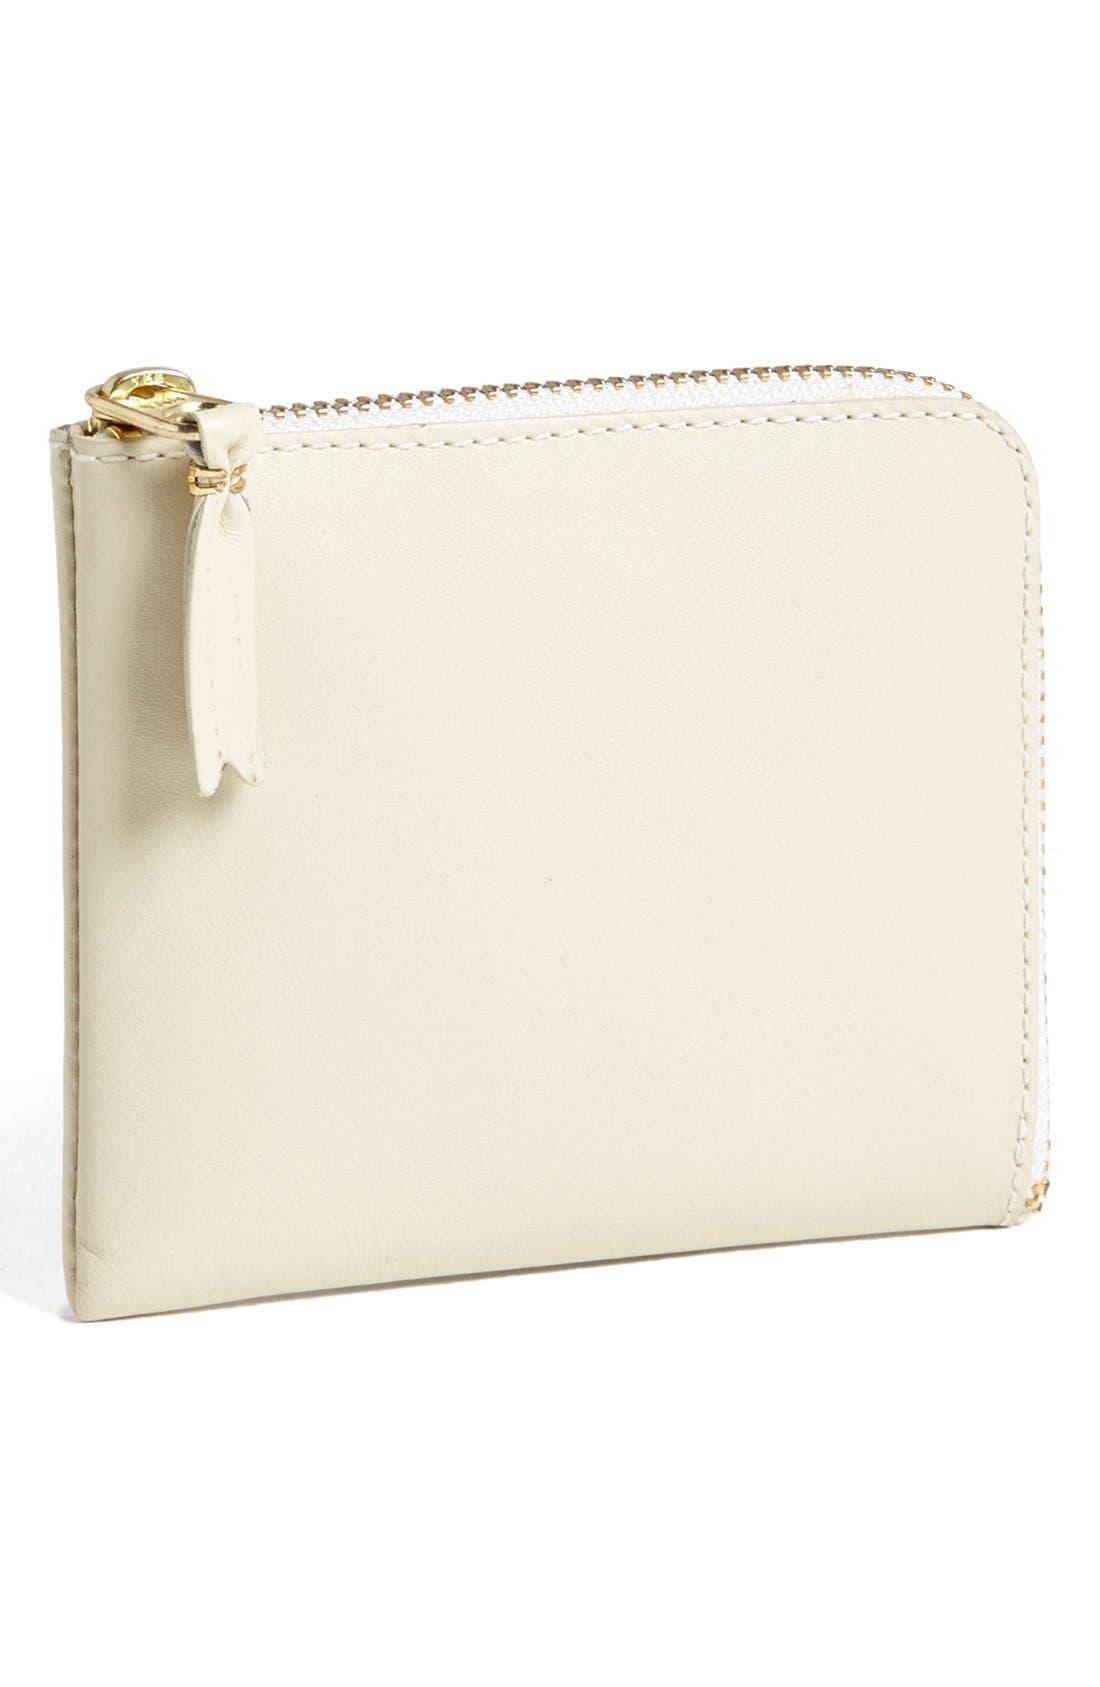 COMME DES GARÇONS Half-Zip Leather Wallet, Main, color, 110